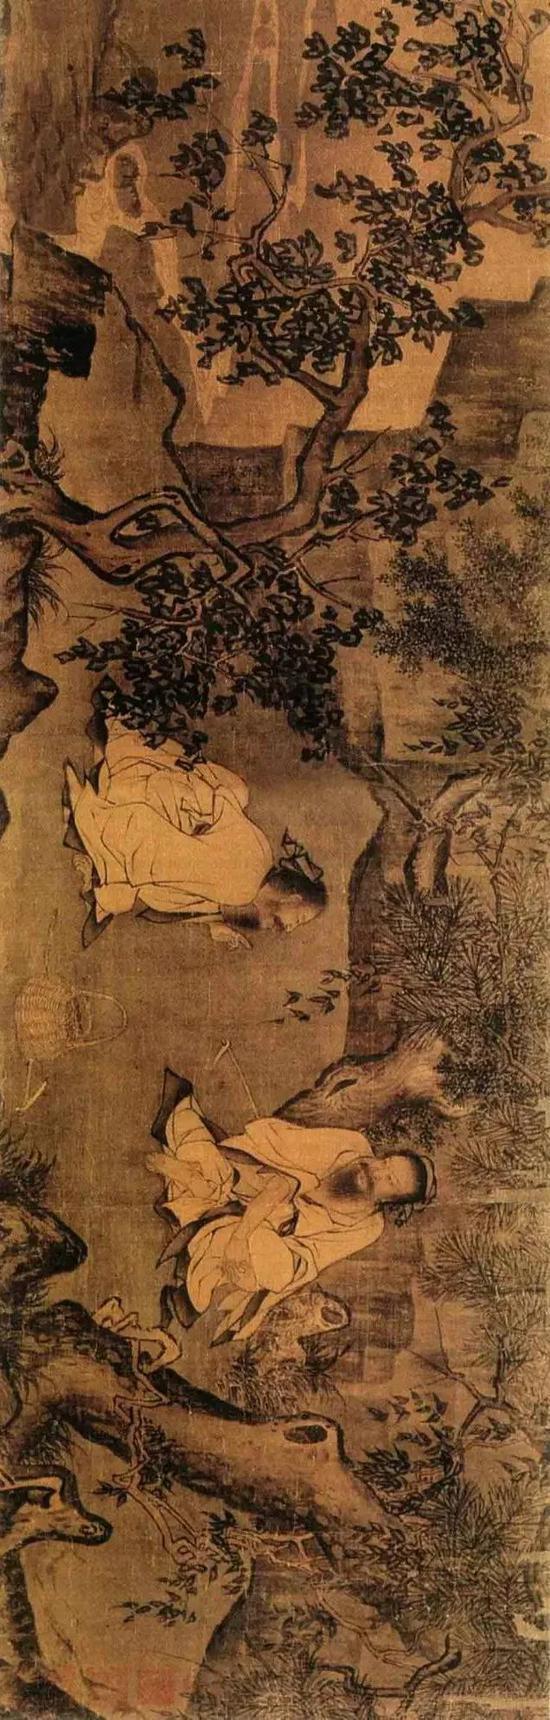 《采薇图》宋 李唐 绢本墨笔 北京故宫博物院藏